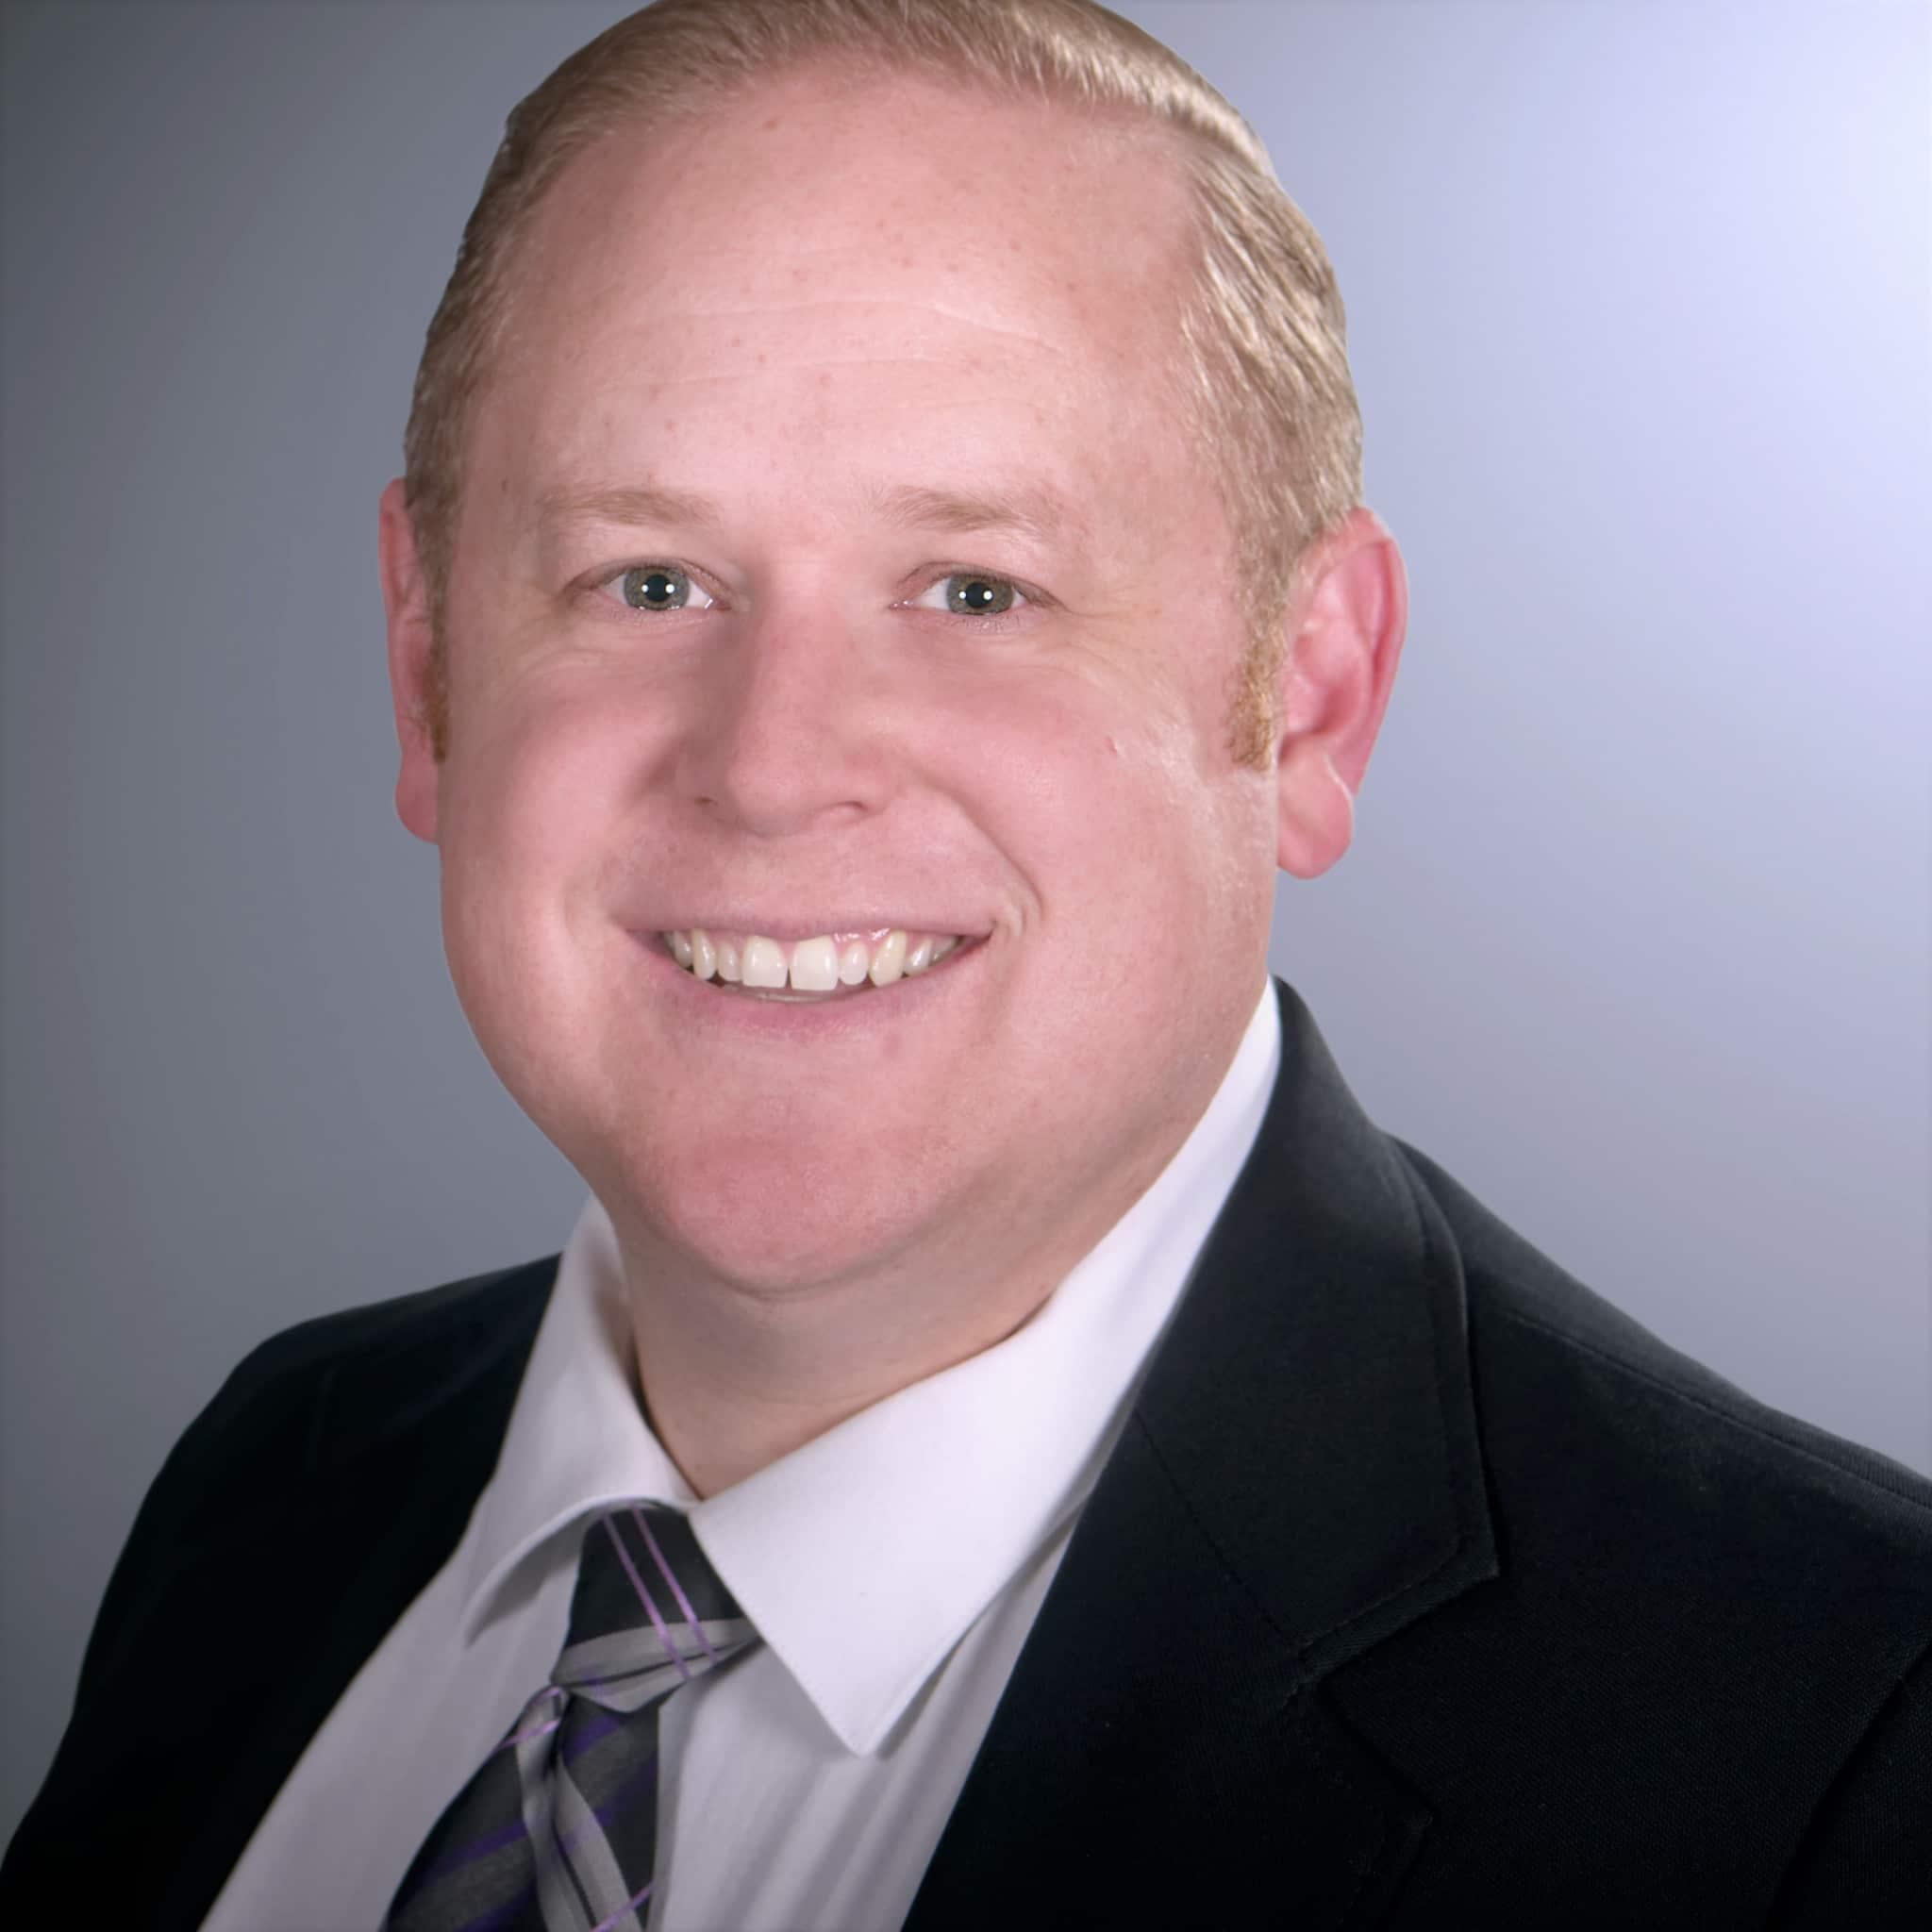 Jeff Wiberg